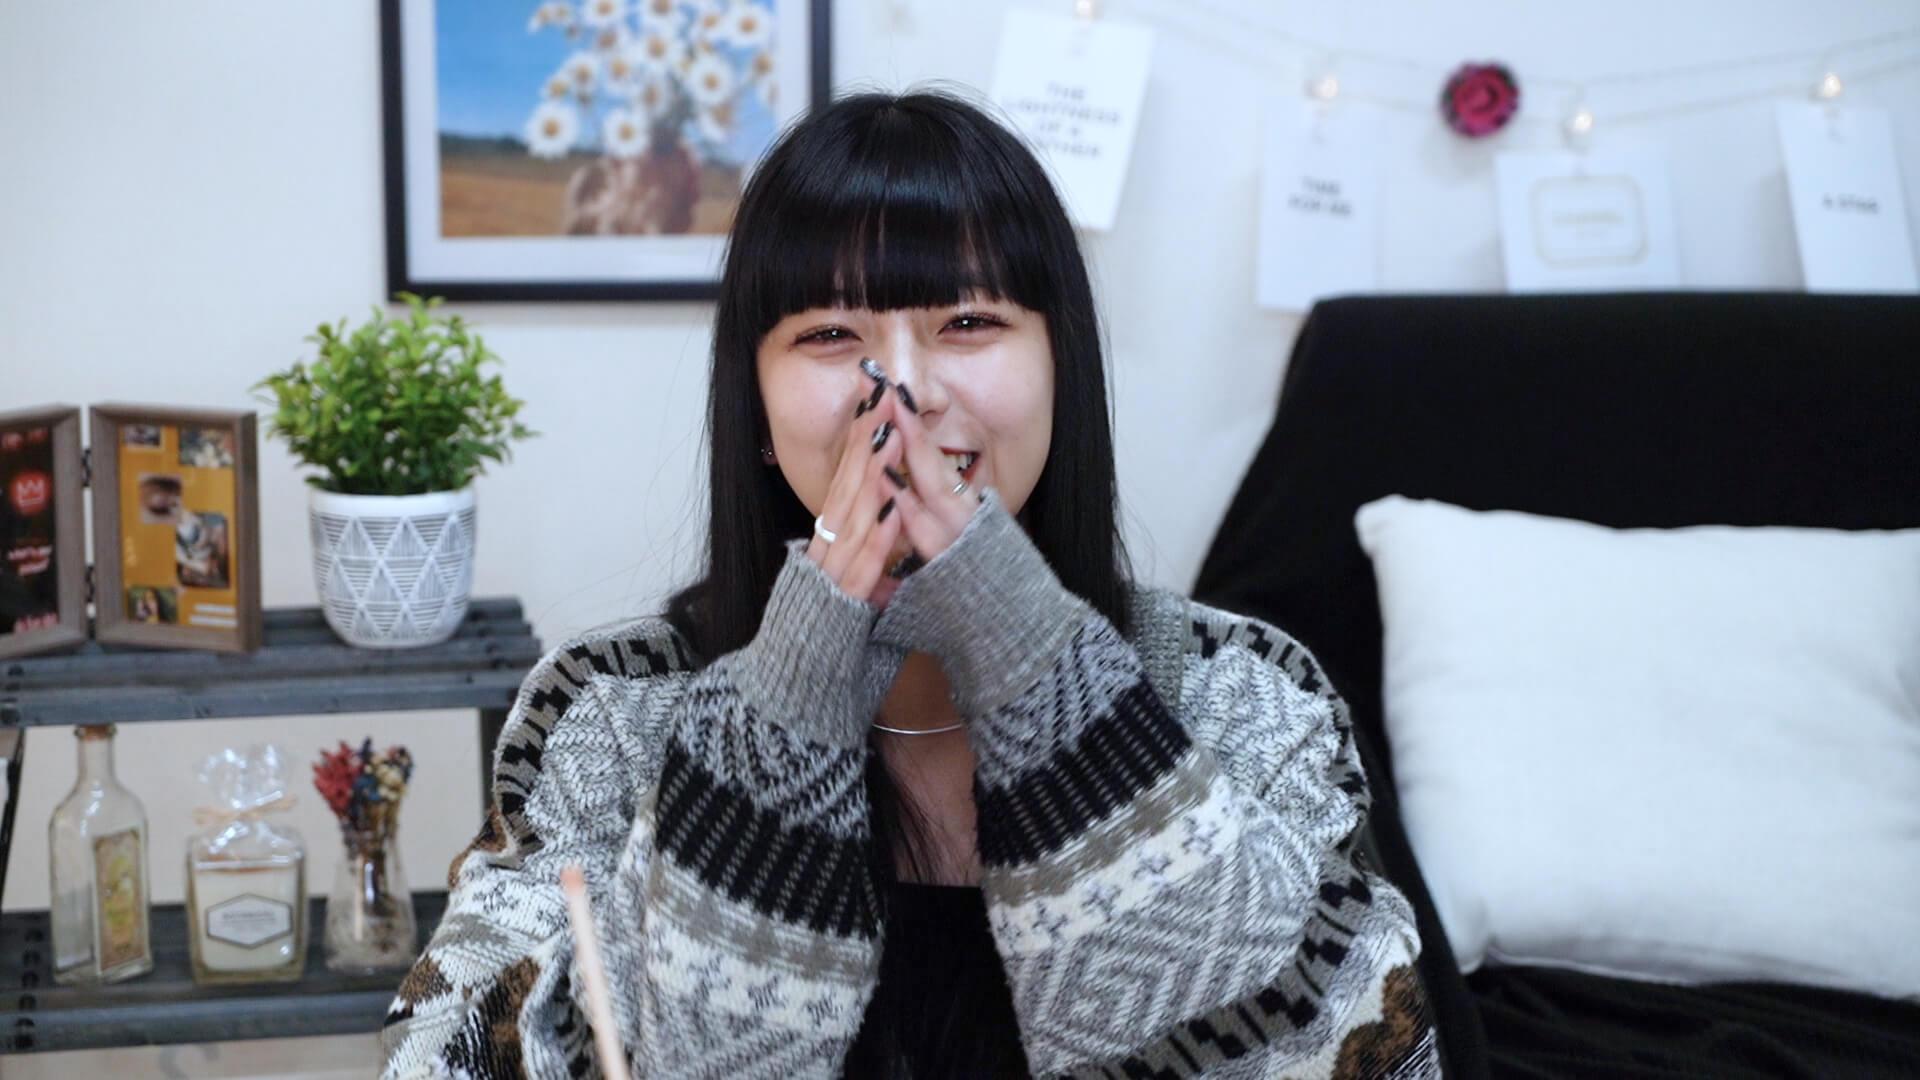 『月とオオカミちゃんには騙されない』出演で人気急上昇のFAKY・HinaがYouTubeチャンネルでキュートな笑顔を披露! music200409_faky_hina_2